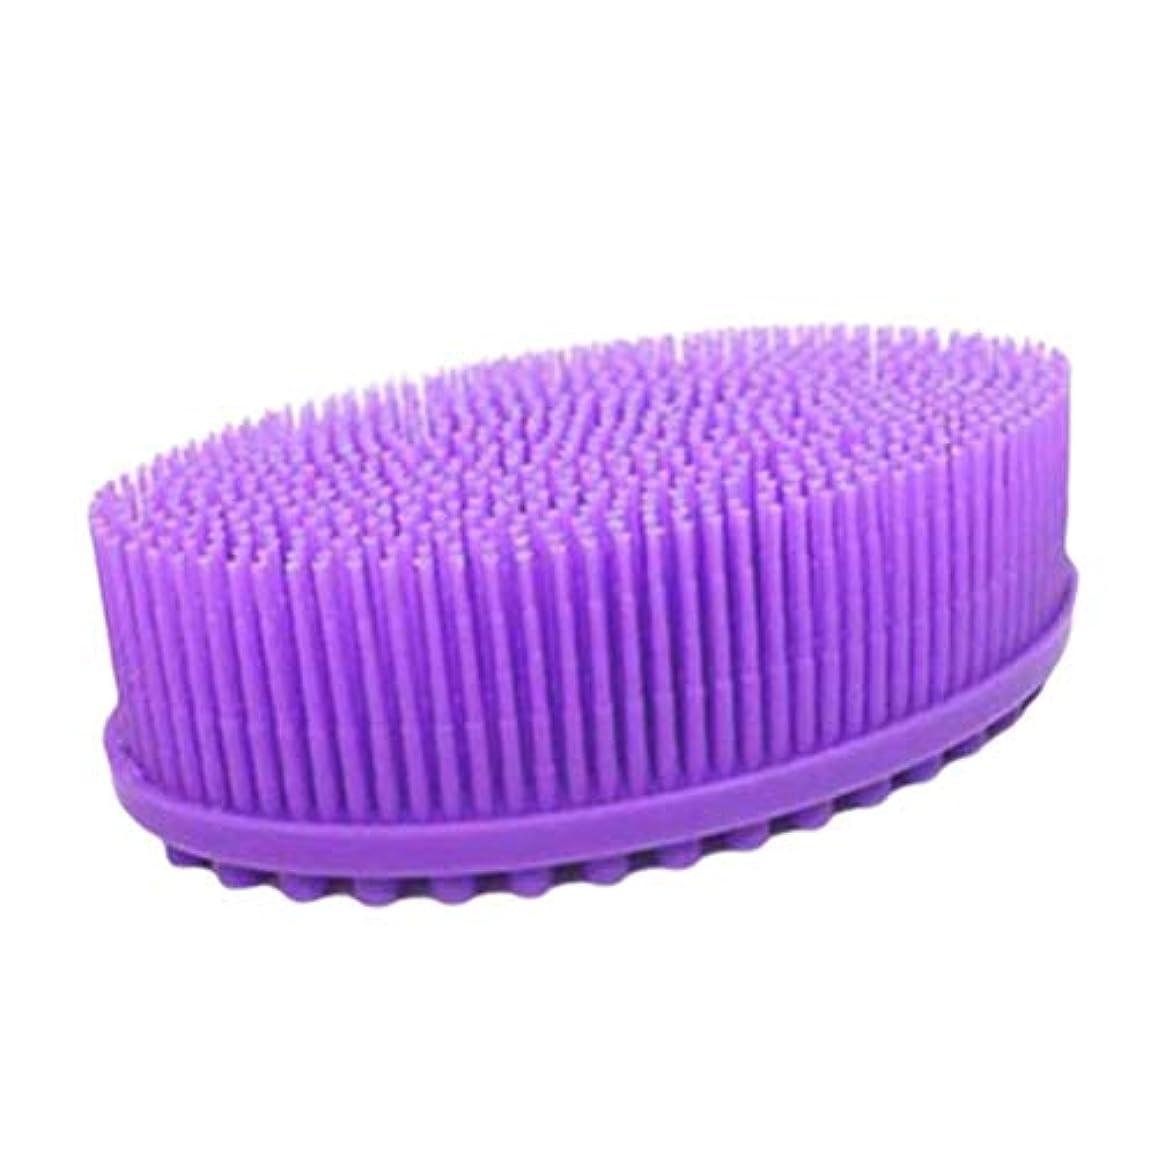 余分な次干渉TOPBATHY ベビーシリコンボディヘアシャンプーブラシバスバックブラシスキンマッサージラウンドヘッドボディシャワーブラシ(紫)